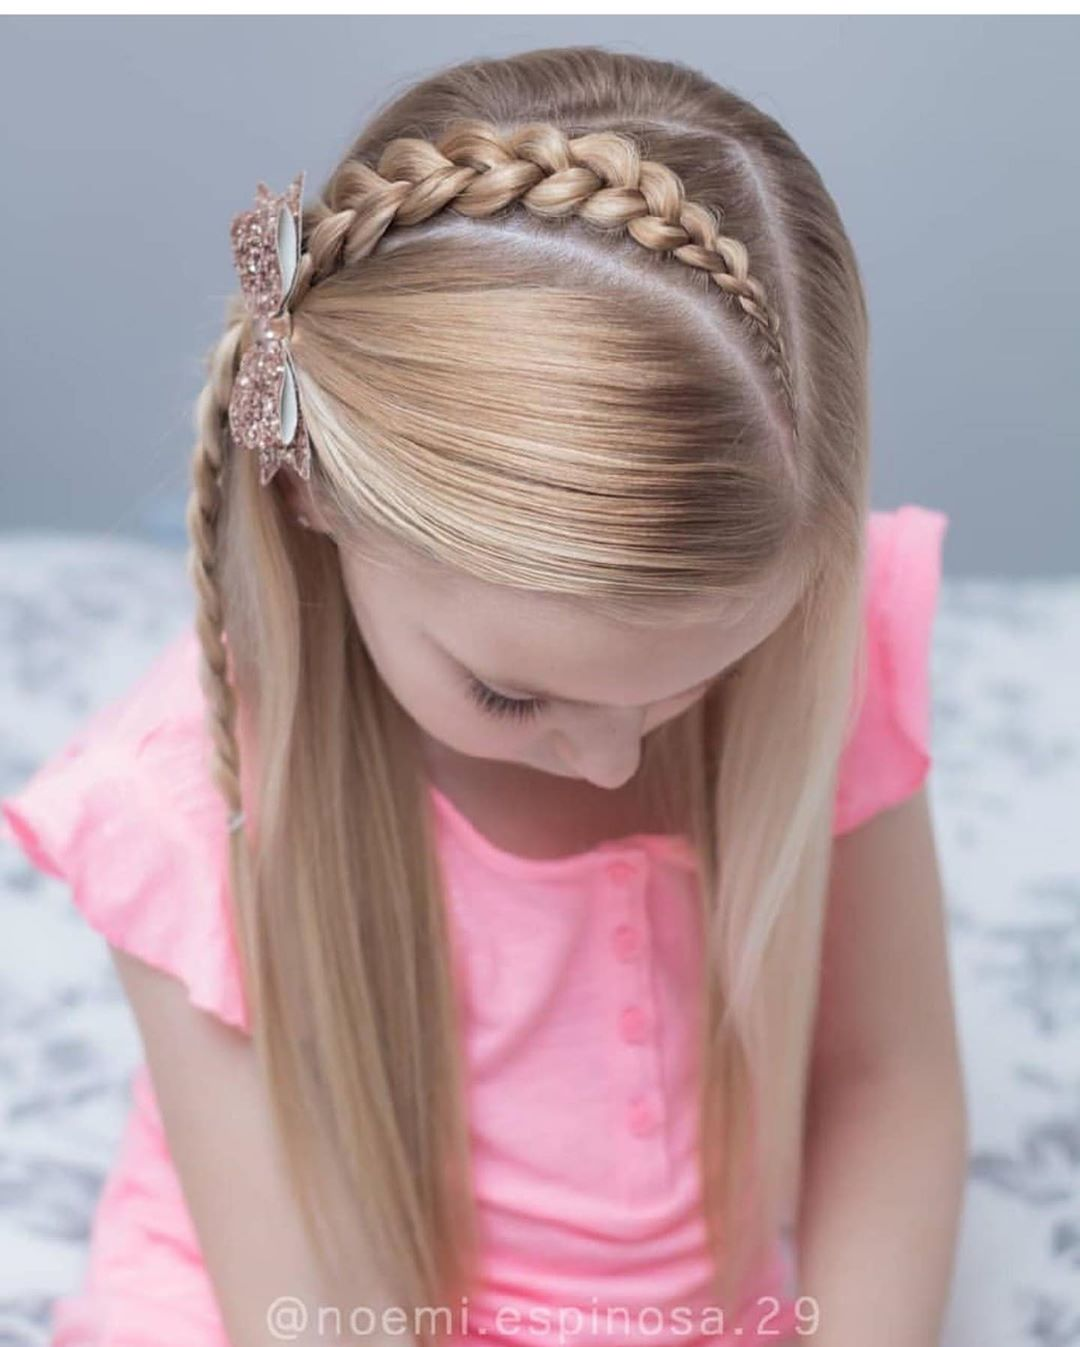 مدل بافت مو دخترانه مجلسی